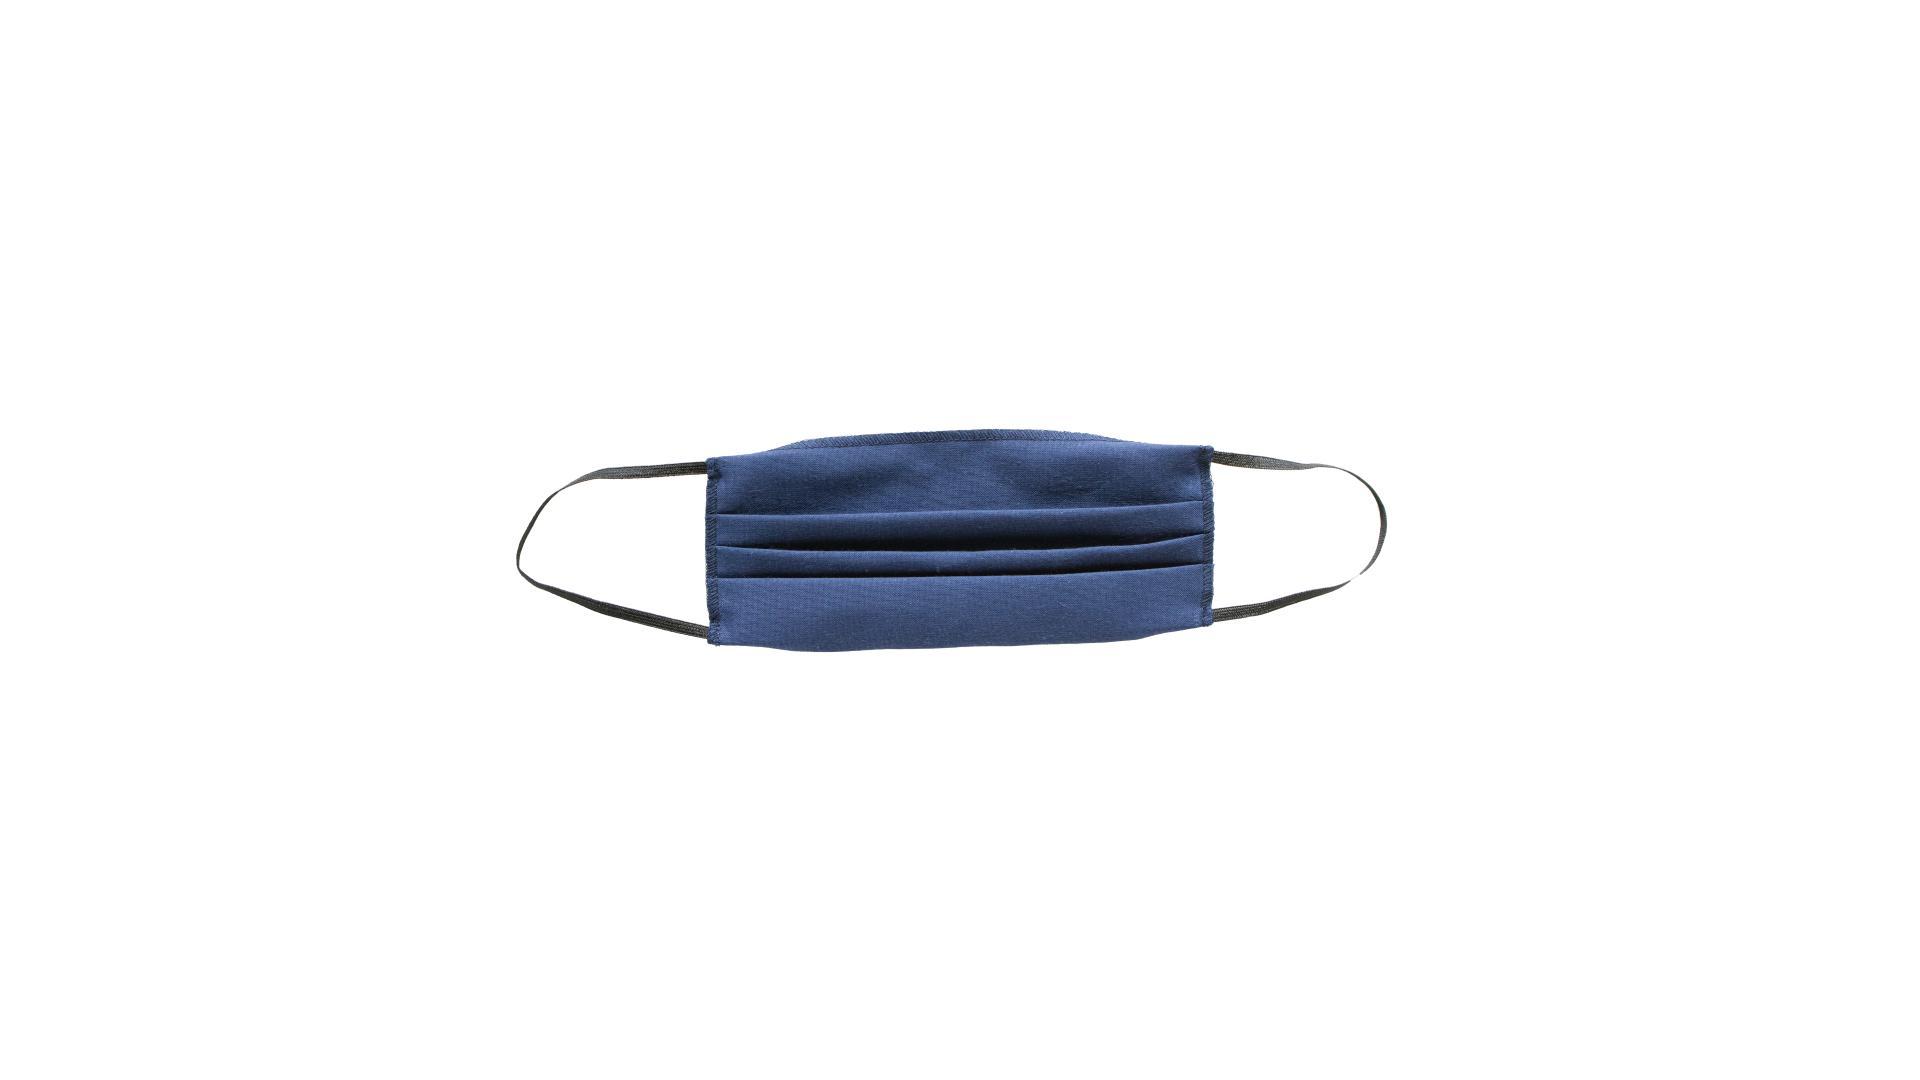 4CARS Dvojvrstvové bavlnené rúško modré bez vzoru s gumičkou 1ks